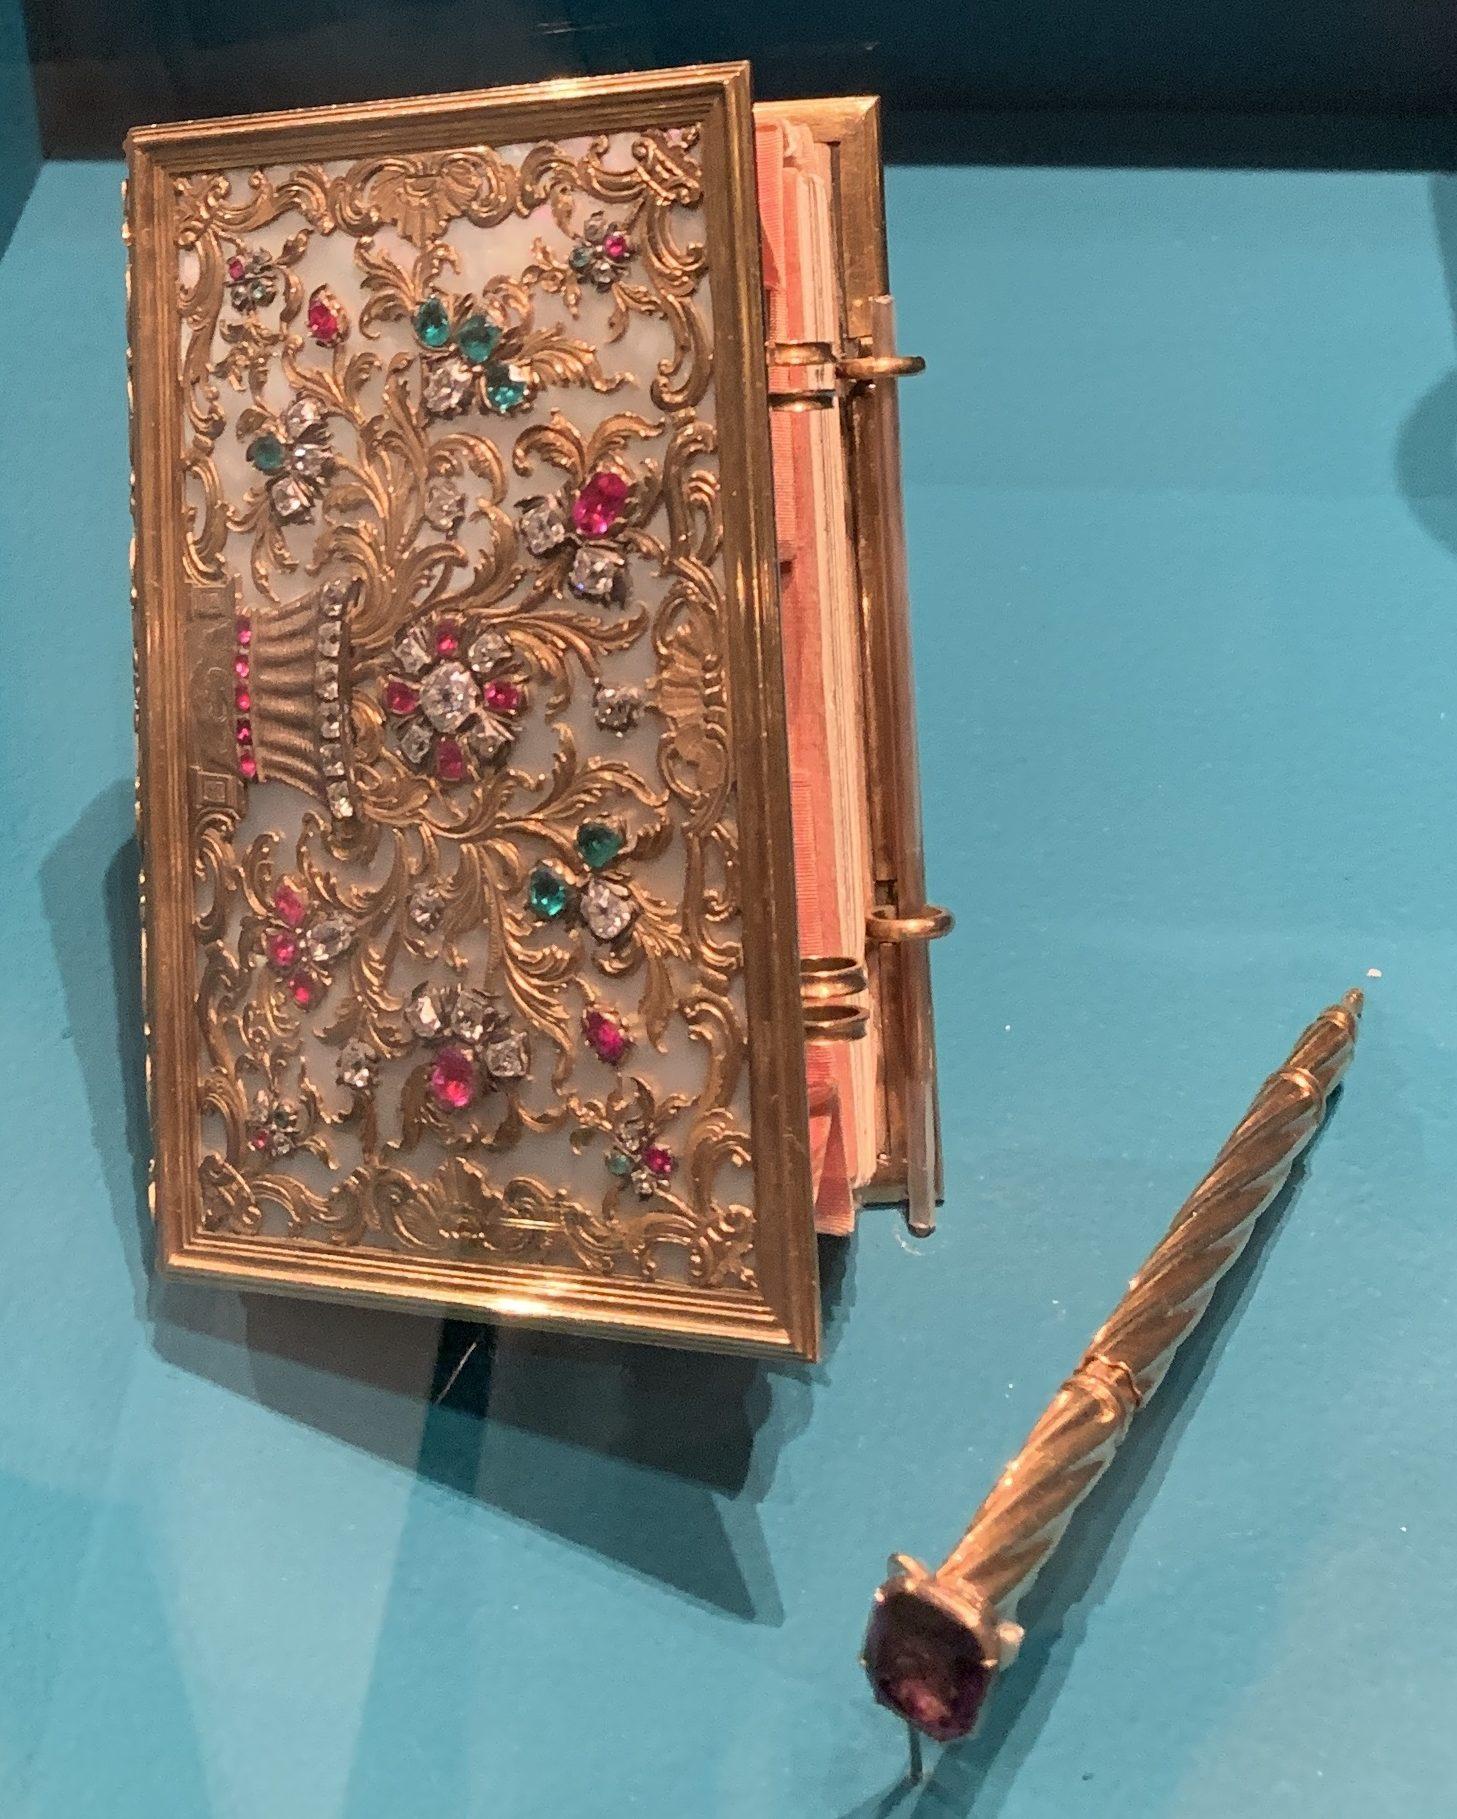 Juwelen! Hermitage Amsterdam, 2019. Notitieboekje/beurs, 1740-1750. Foto met dank aan SAF, Astrid Berens©